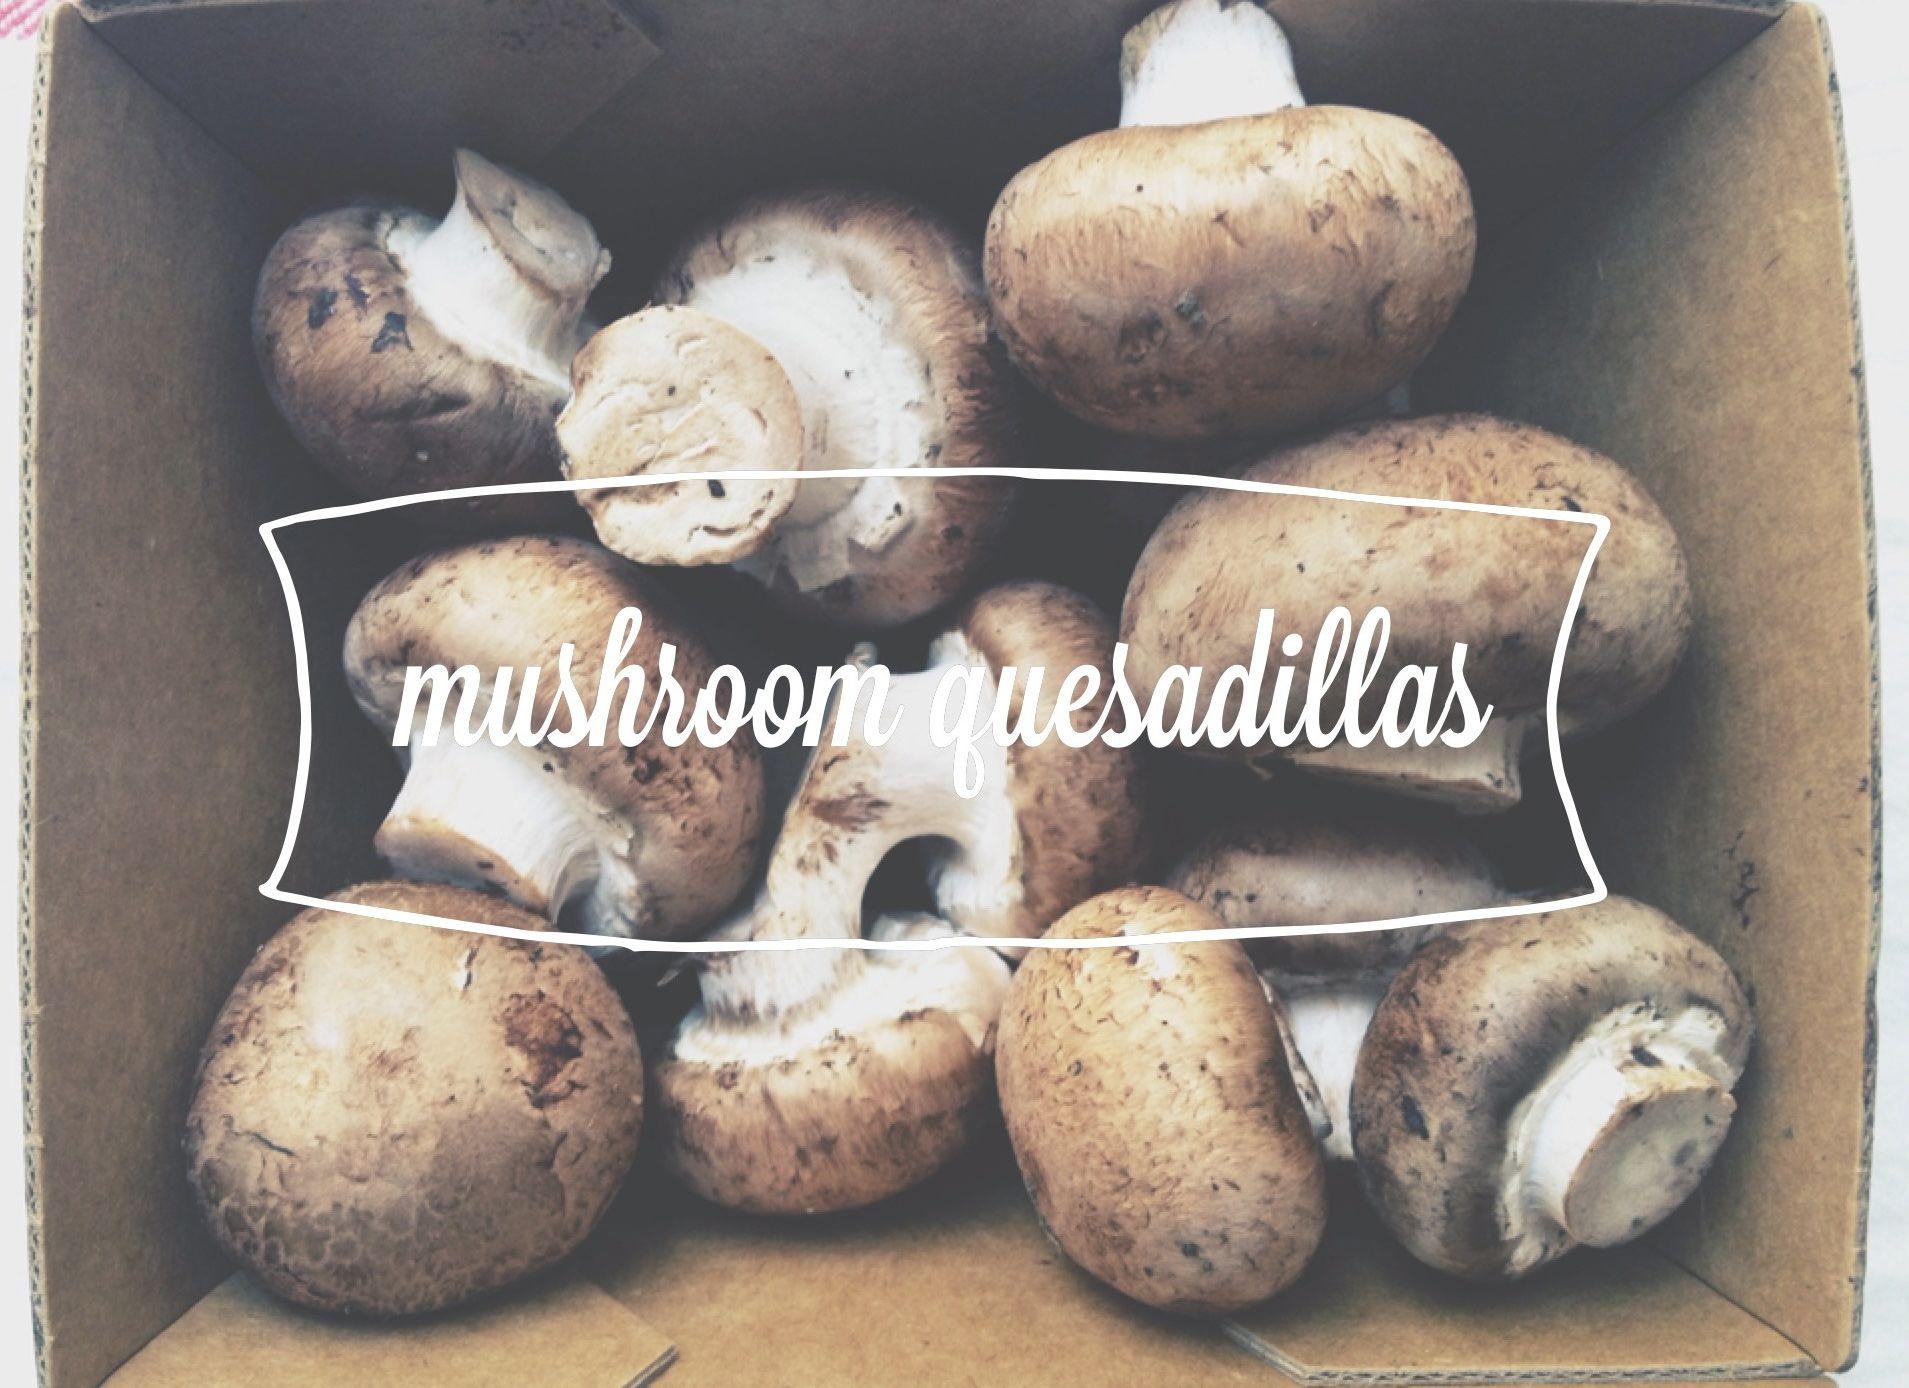 mushroom quesadillas6.jpg